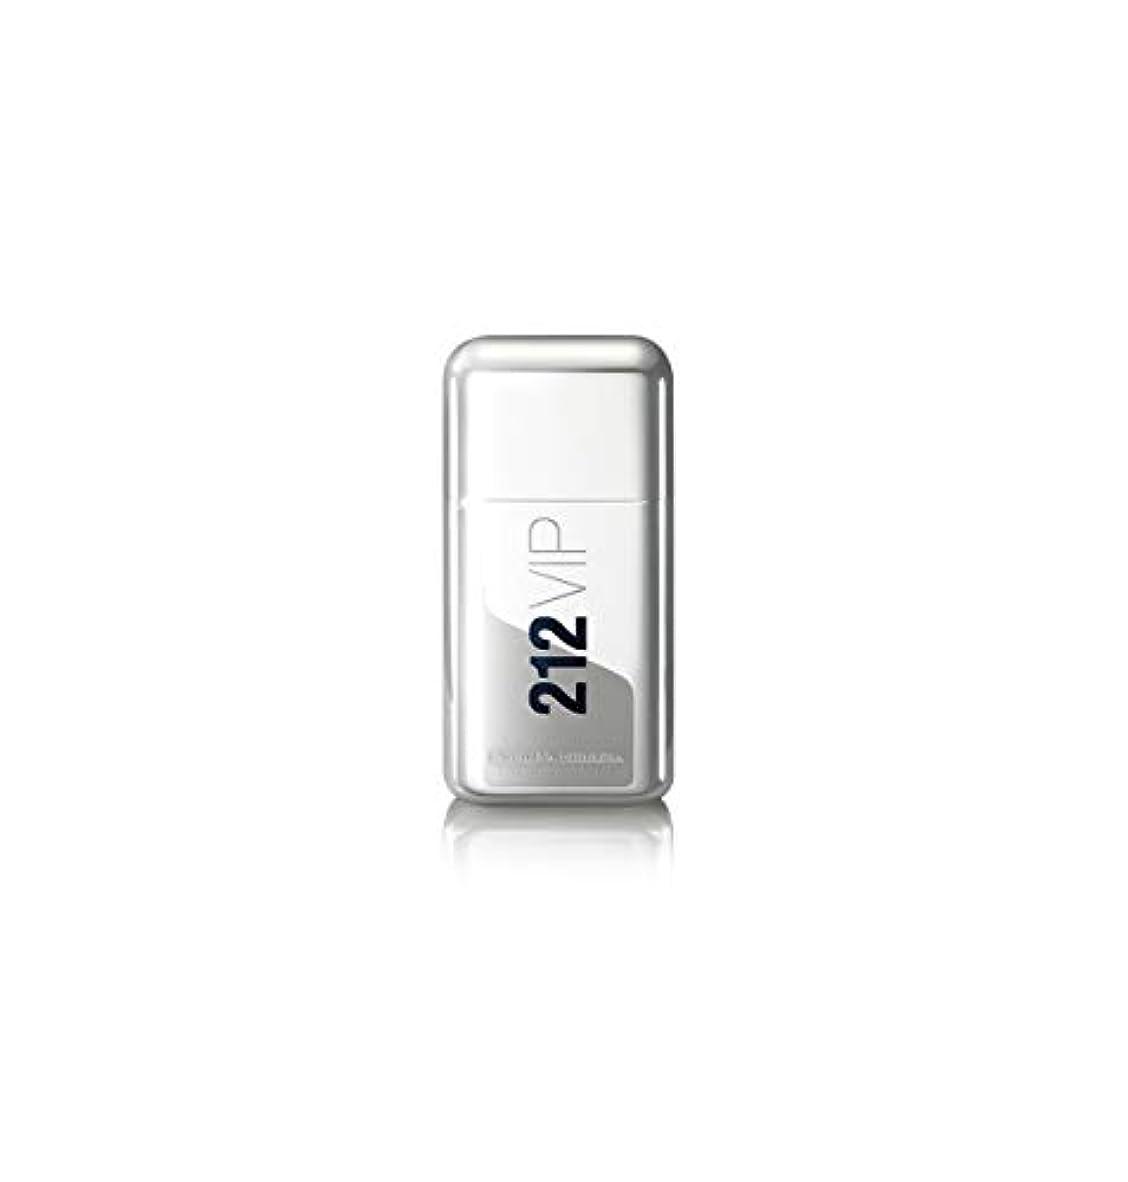 限られた変成器虚偽キャロライナヘレラ 212VIP メン EDT 50ml